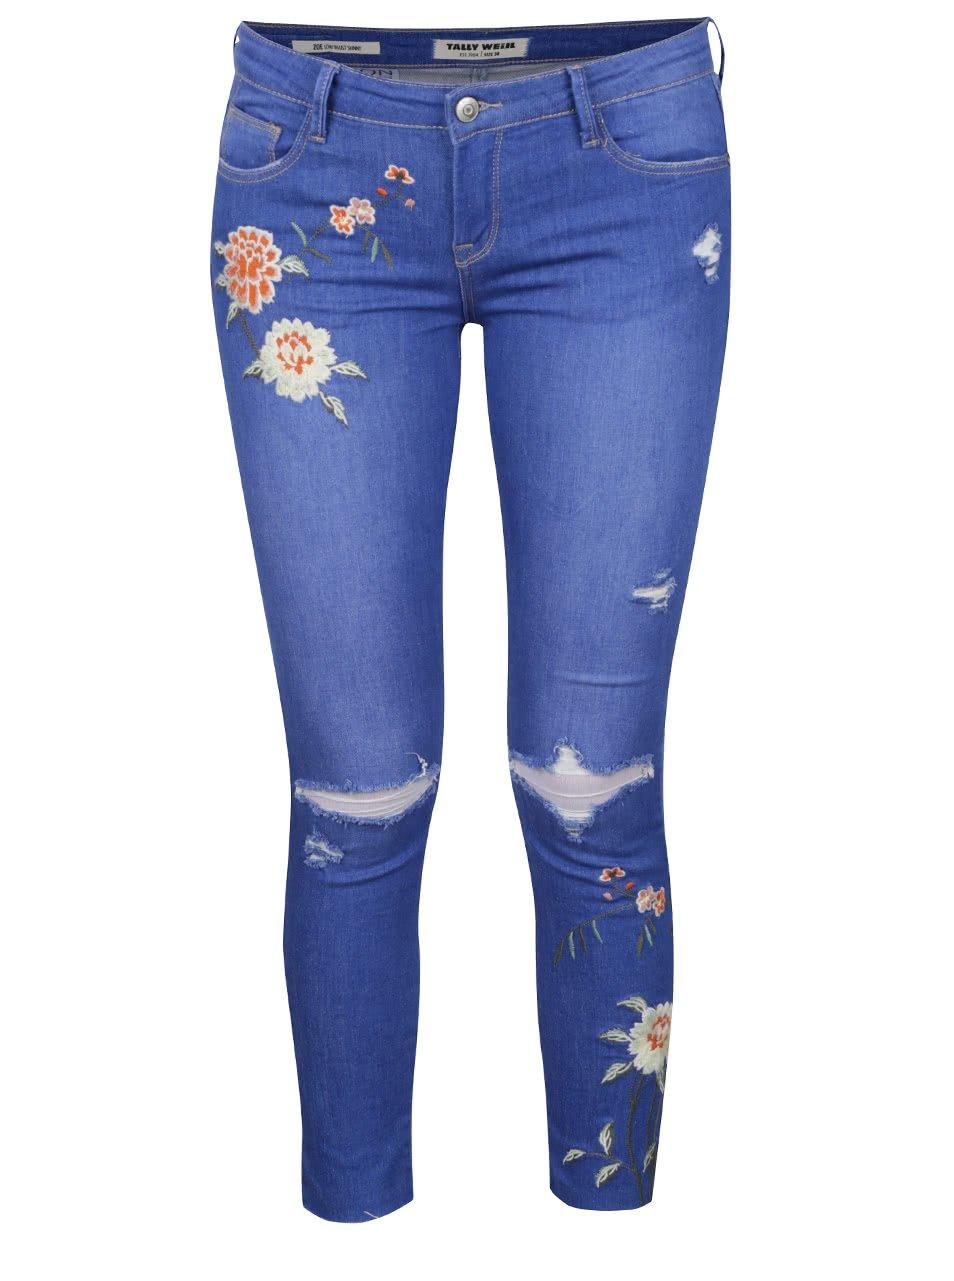 Světle modré skinny džíny s dírami na kolenou a nášivkami TALLY WEiJL b7db09c064